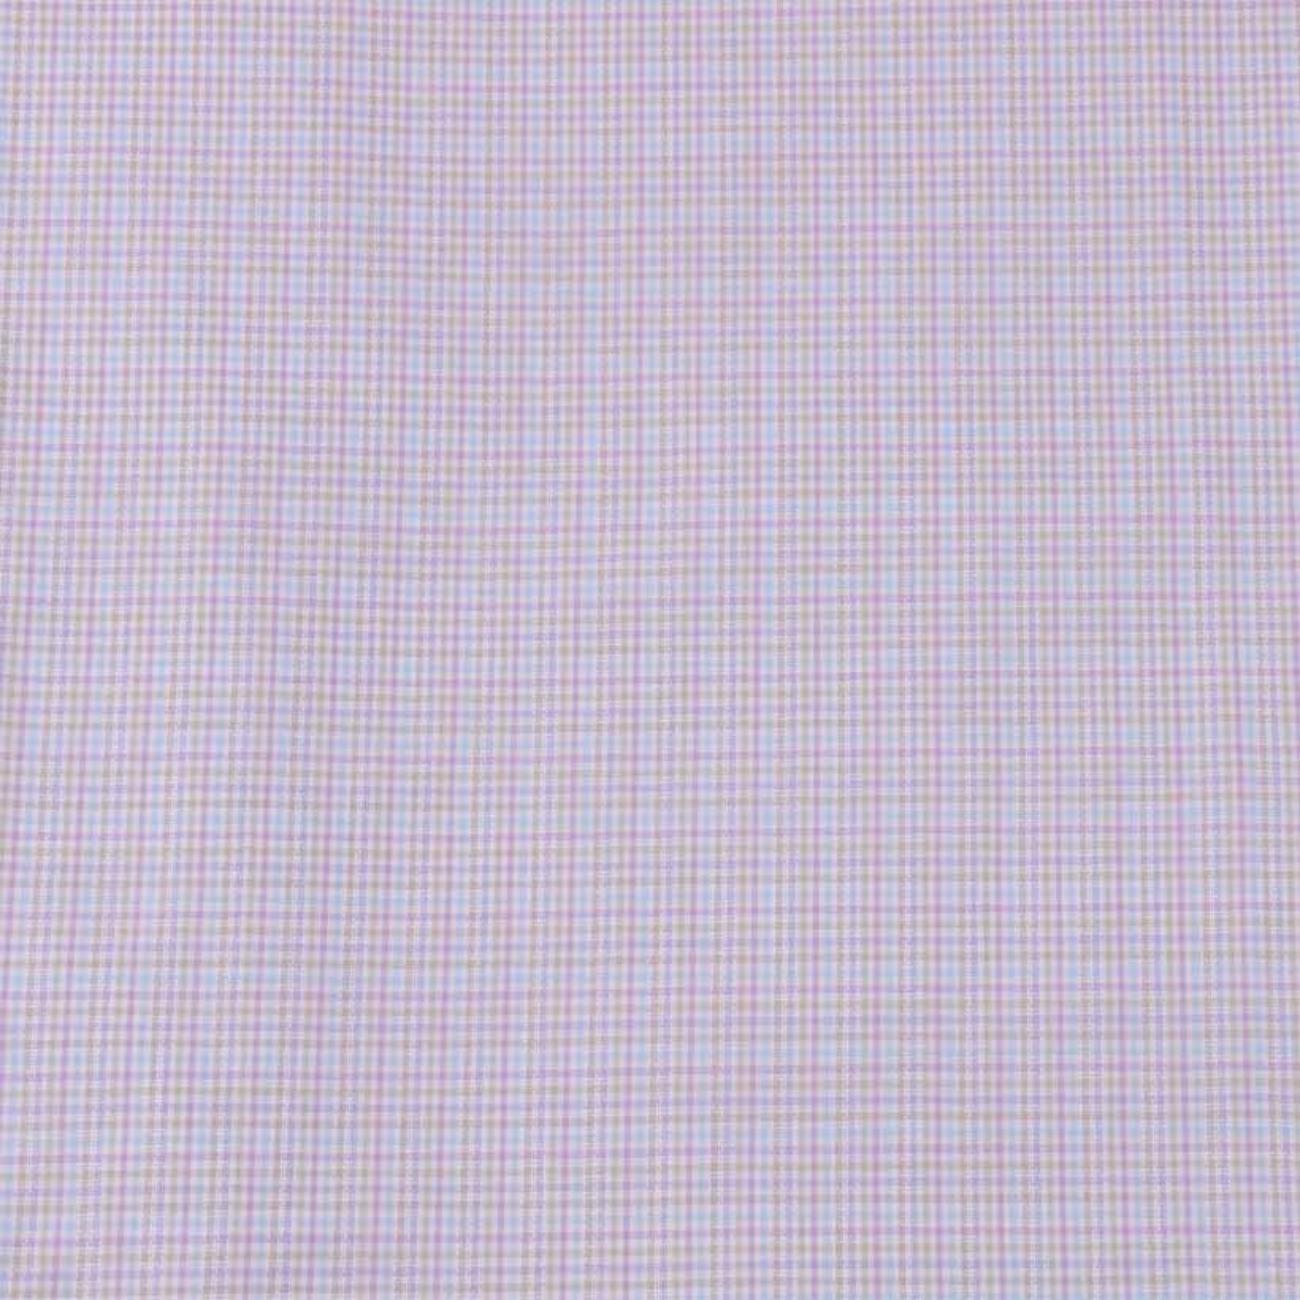 现货格子/条子 梭织 色织 提花 低弹 休闲时尚风格 衬衫 连衣裙 短裙 棉感 60929-33